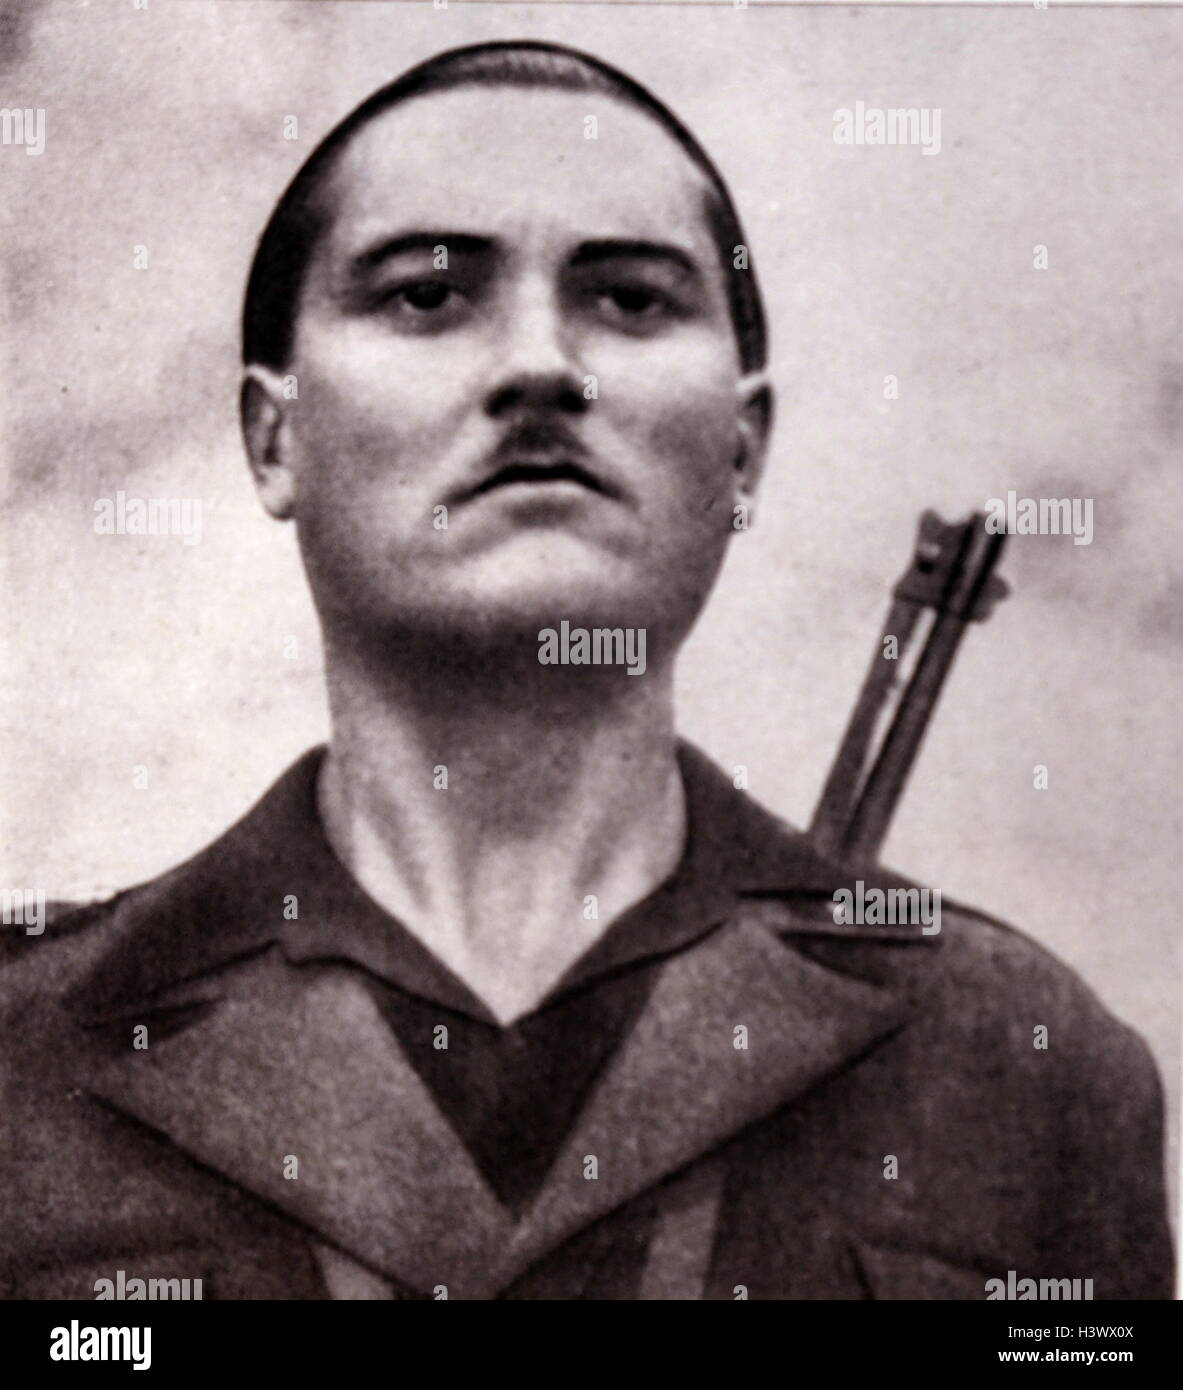 Italiano cartolina di propaganda di un esercito di milizia fascista stati 1936 Immagini Stock